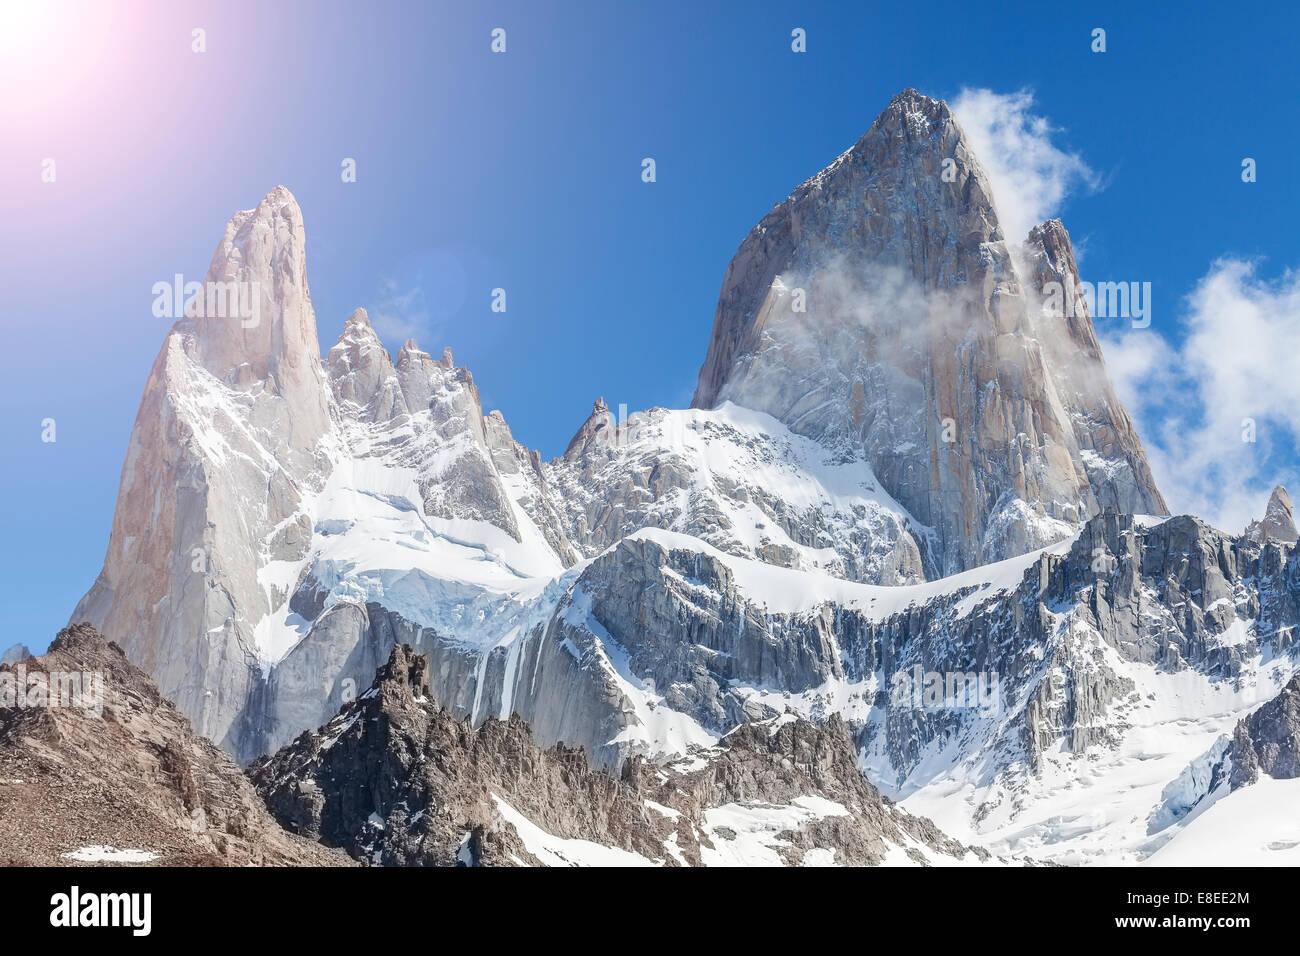 Plus de soleil, la montagne Fitz Roy Patagonie en Argentine. Photo Stock